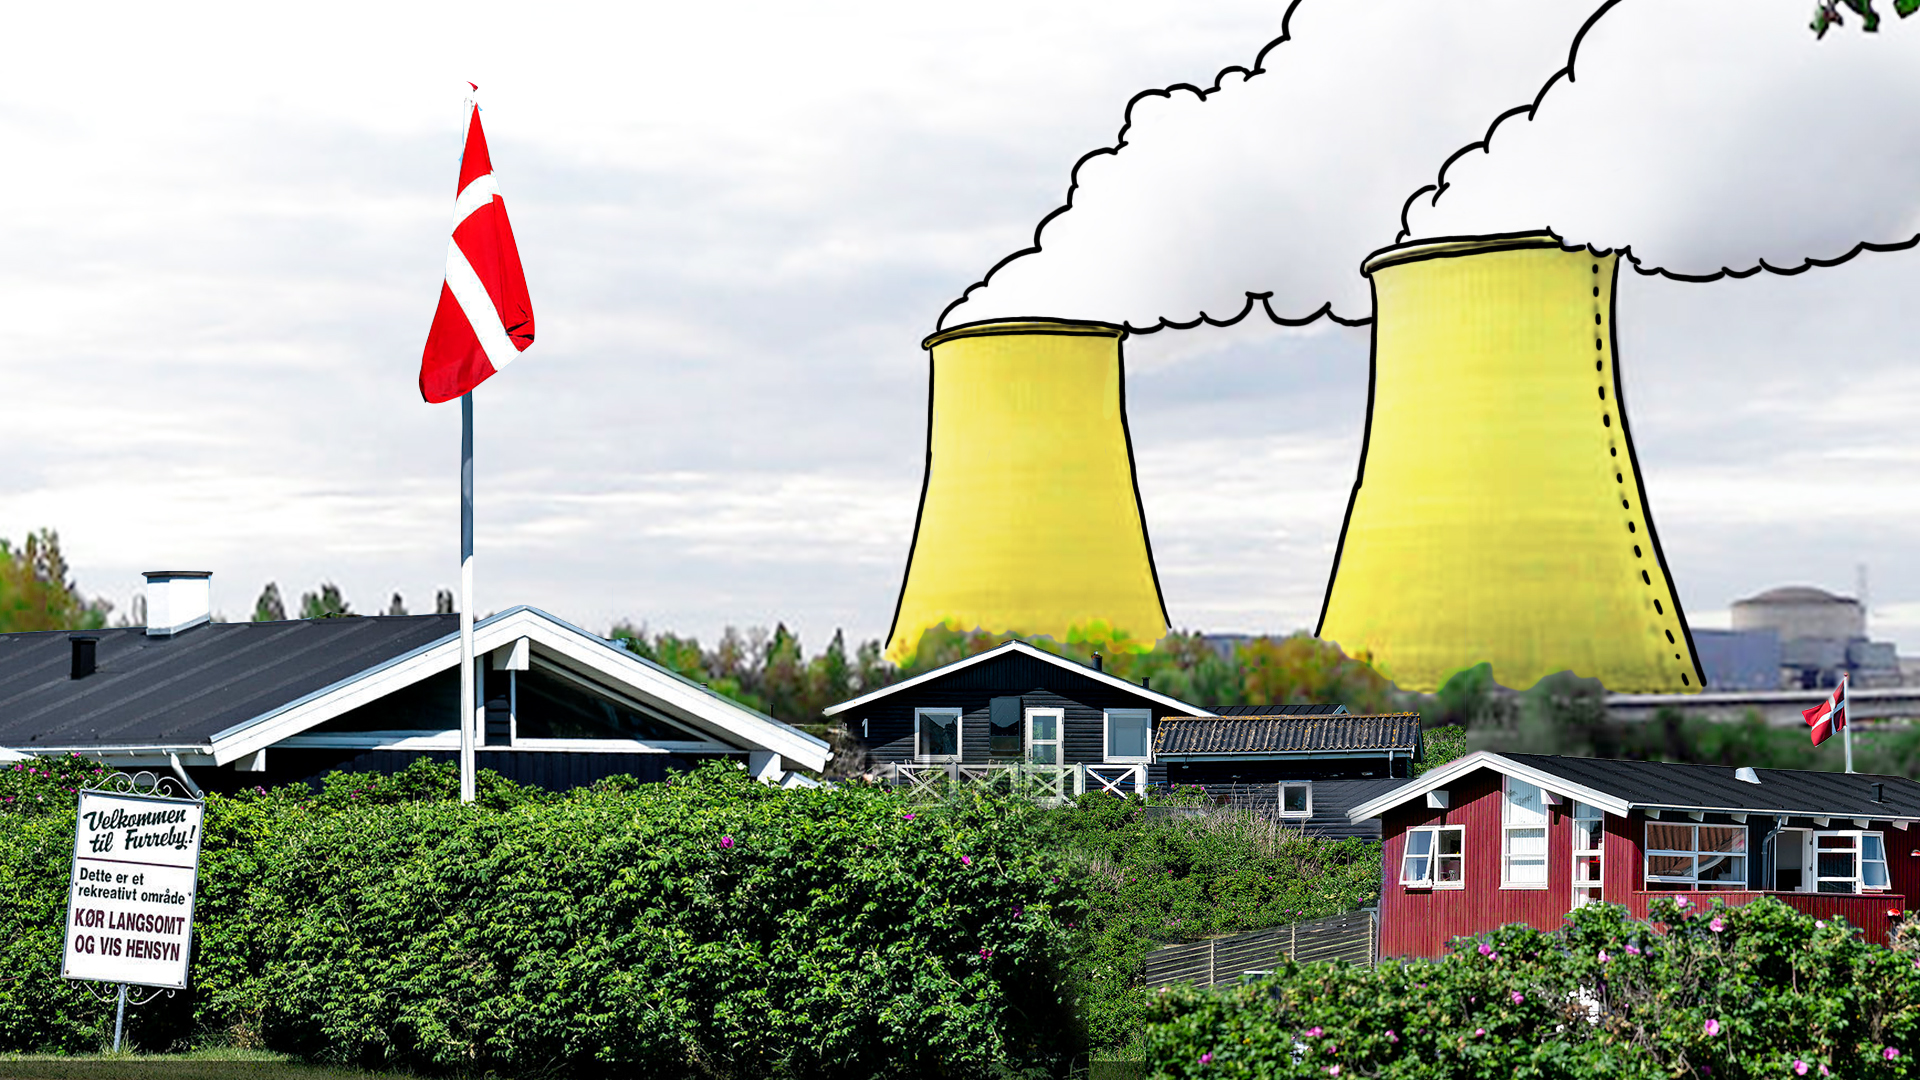 Hvorfor er der ikke atomkraft i Danmark?